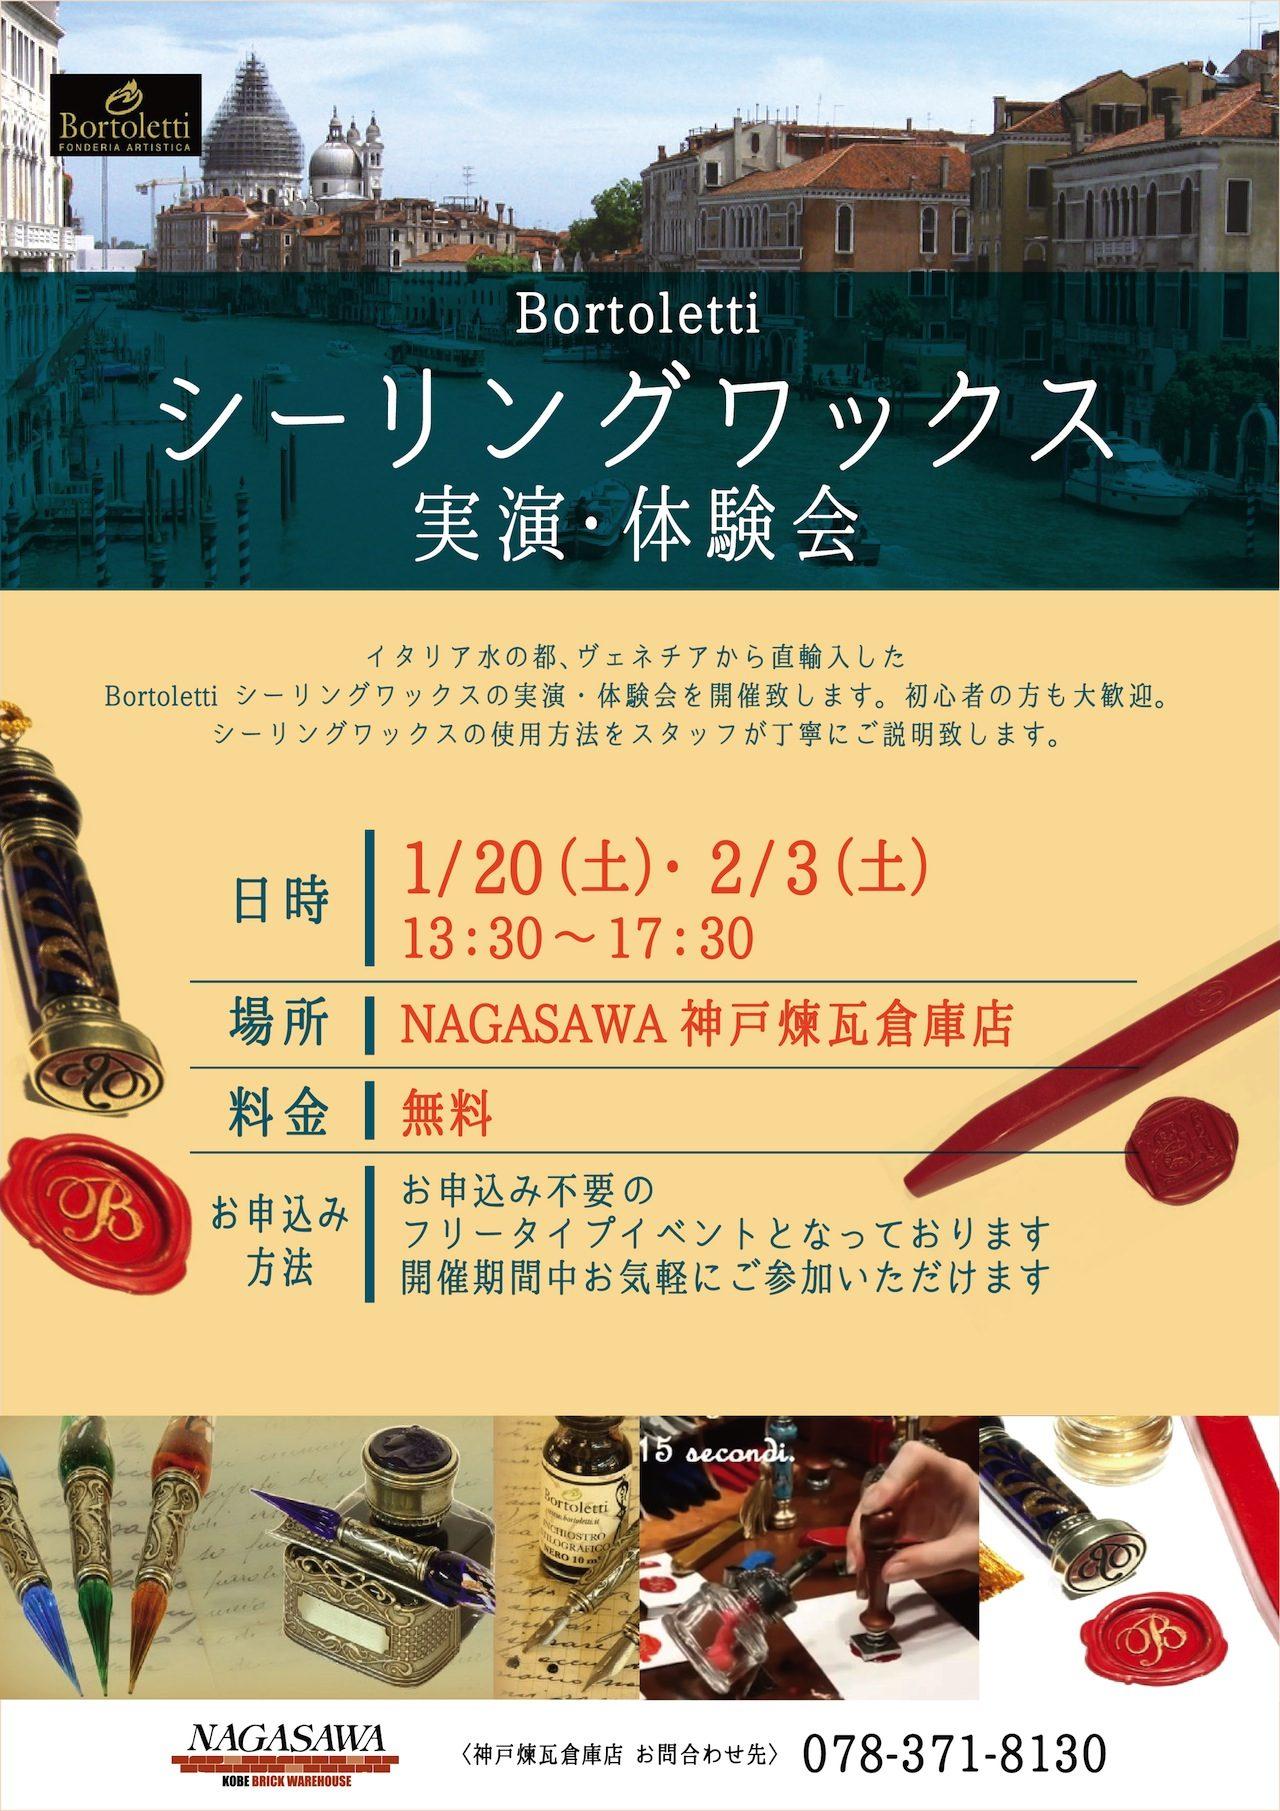 シーリングワックス実演・体験会   NAGASAWA神戸煉瓦倉庫店